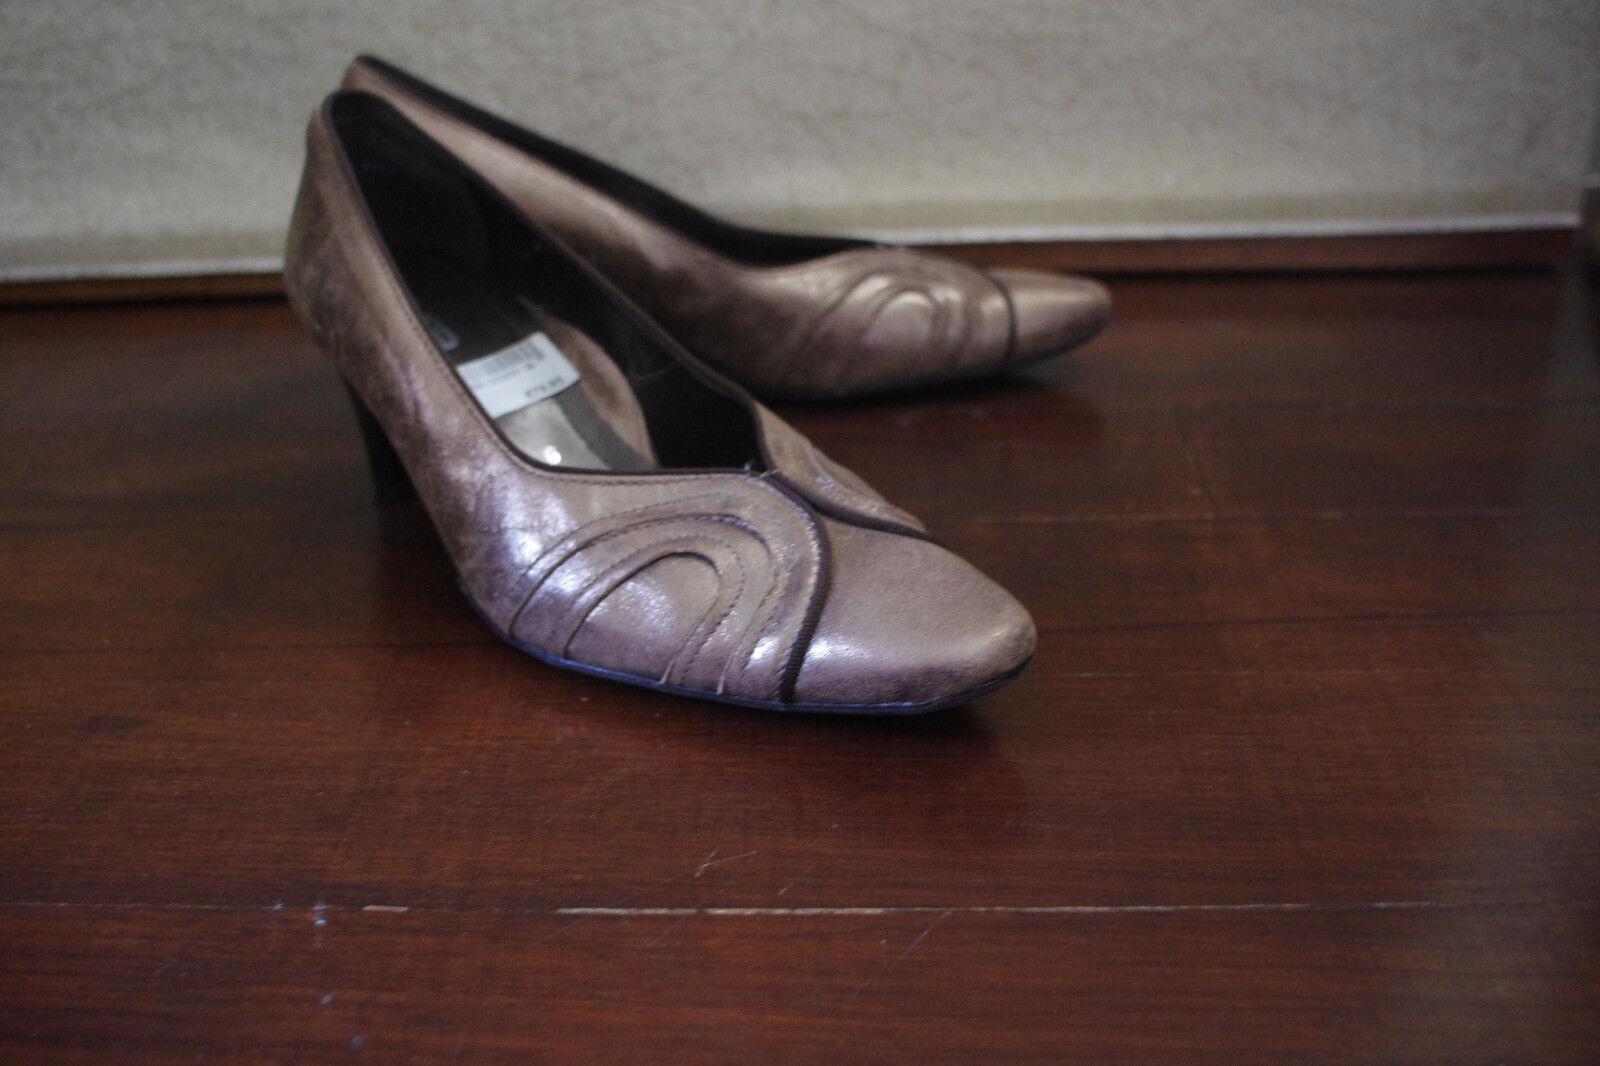 Ara Germany Braun Gold Leder Größe:5 Nubuck Damens Pump Schuhes Größe:5 Leder USA37,5 Heels 2,5